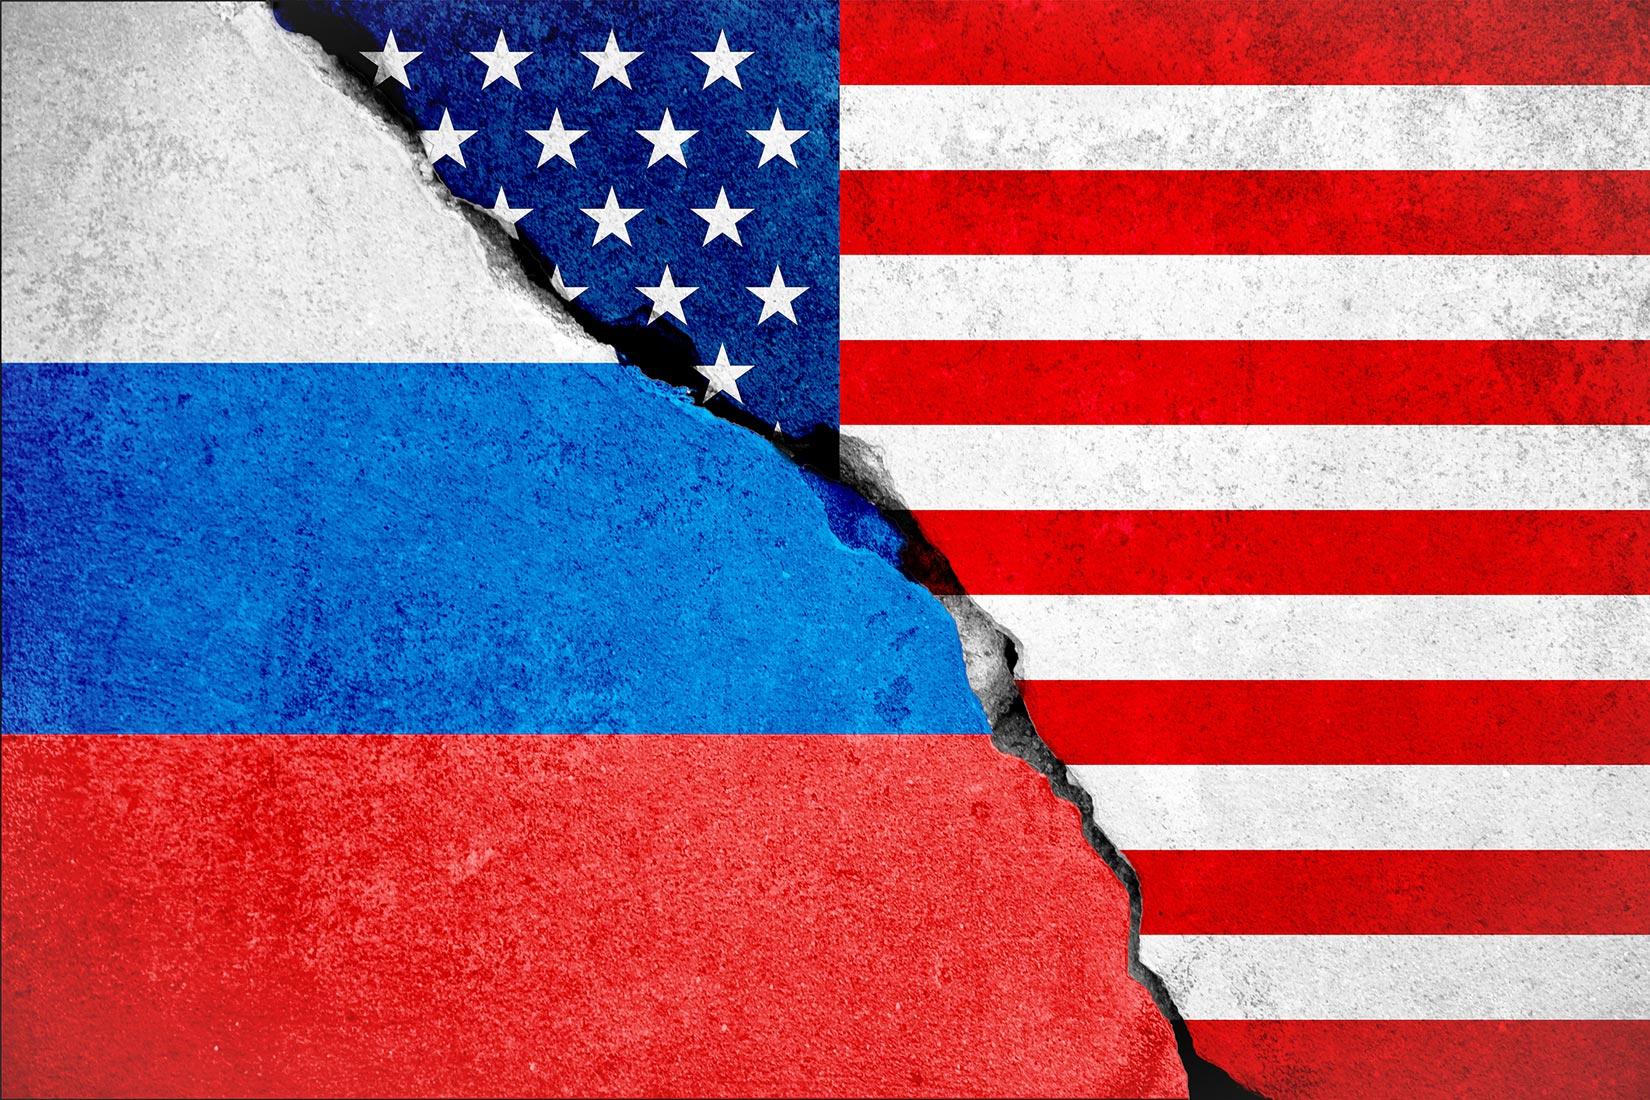 拡大ユーラシア戦略がプーチンの狙い<br>~ユーラシアから見た世界秩序再編の行方~